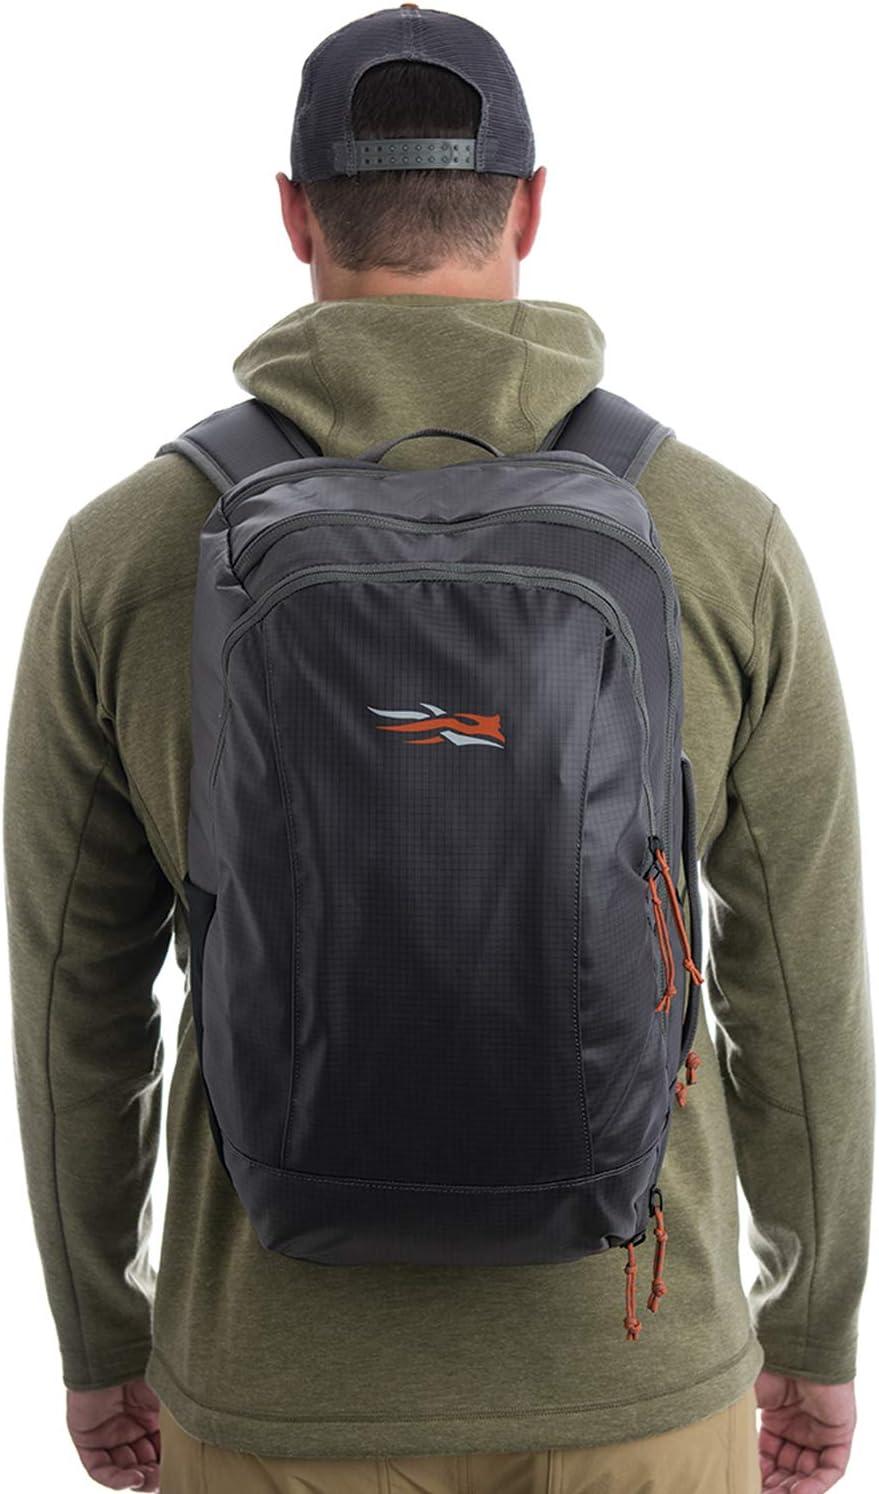 SITKA Gear Mens Drifter Travel Pack